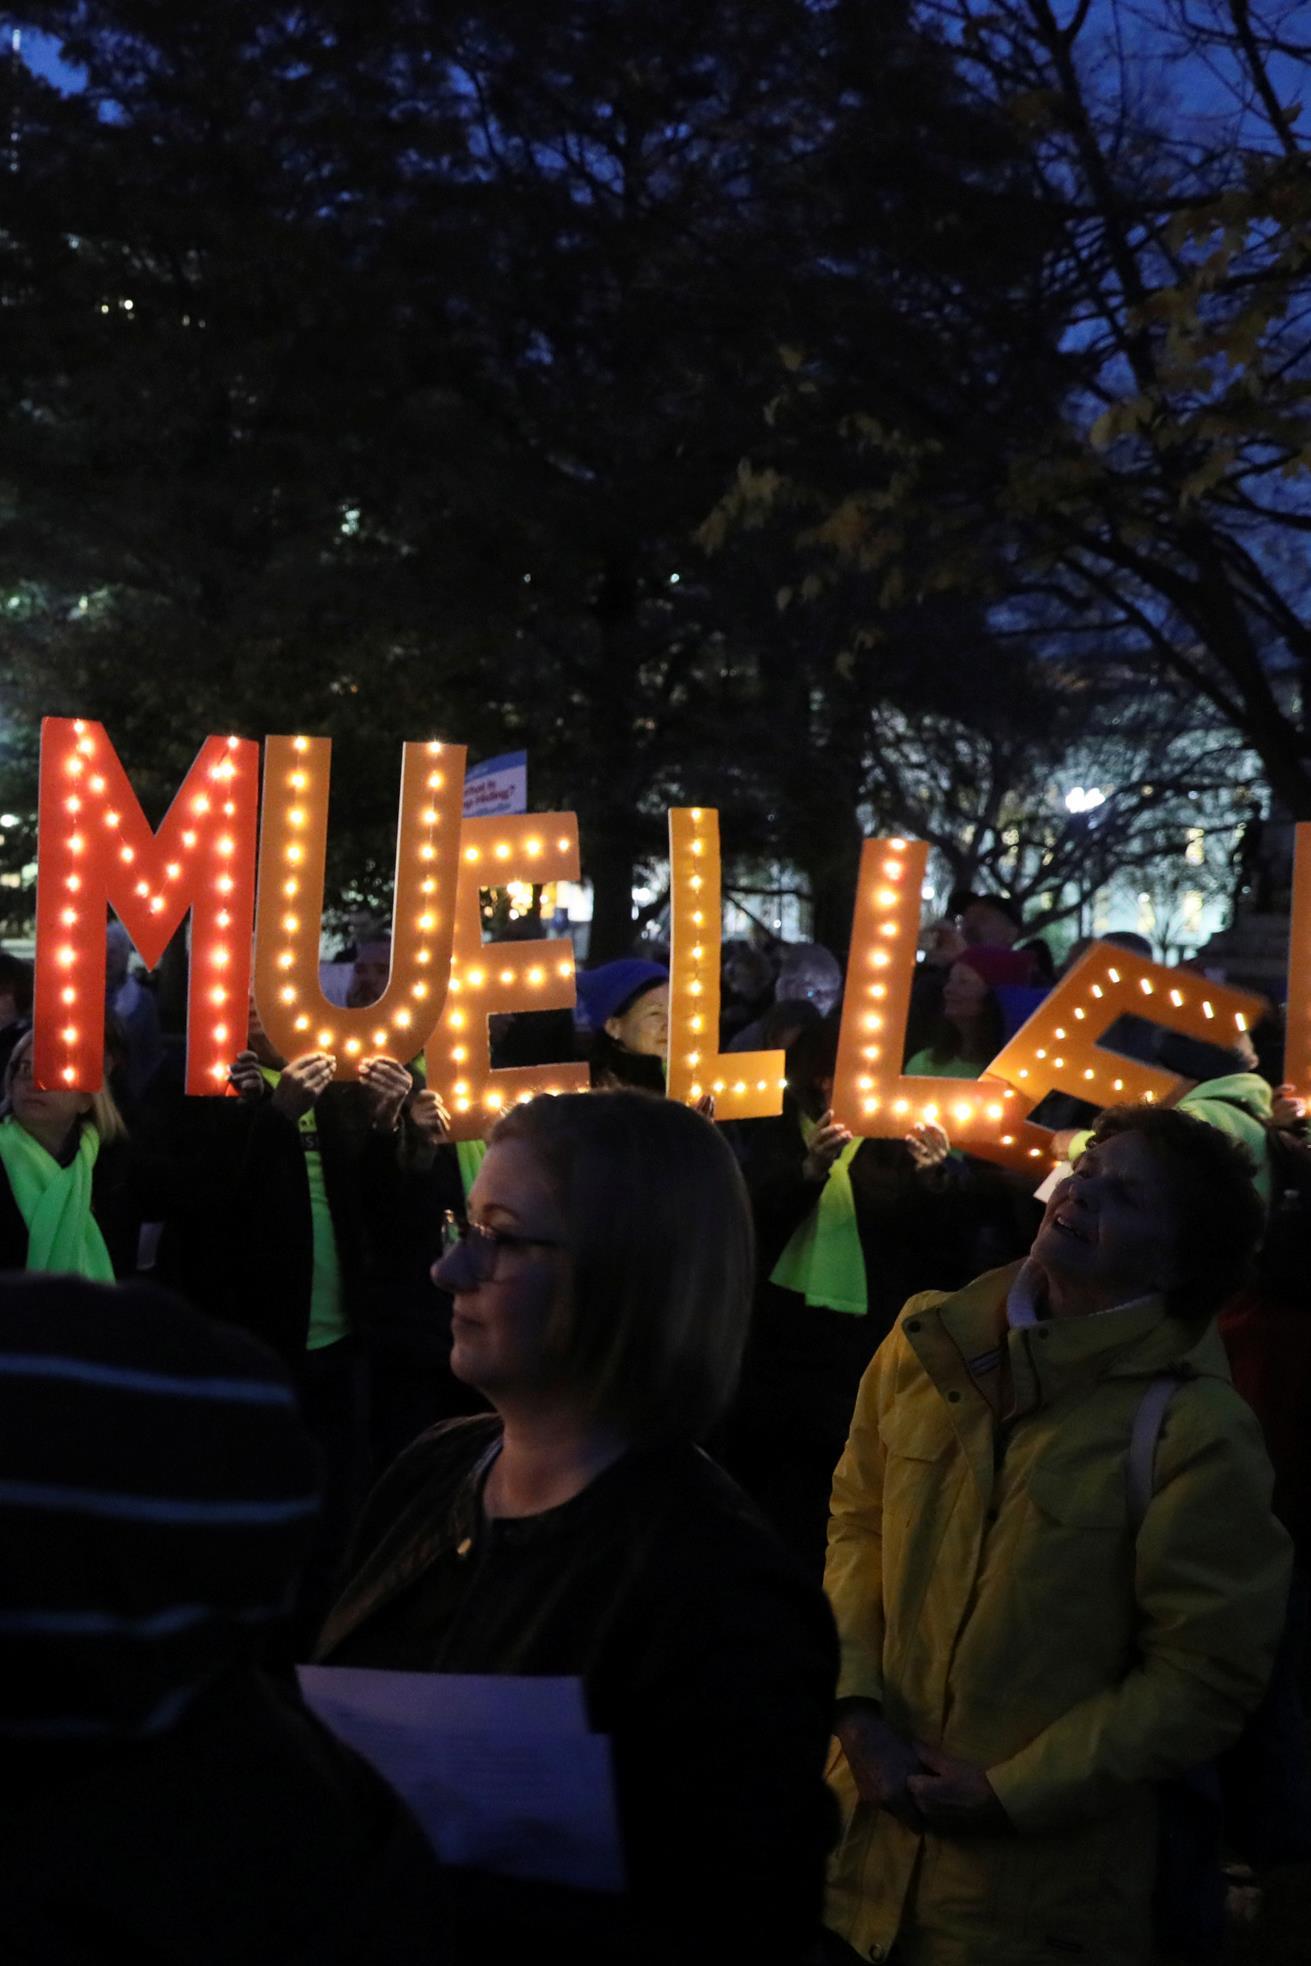 Des manifestants rasemblés devant la Maison-Blanche, le 8 novembre 2018, demandent au gouvernement américain de protéger l'enquête du procureur spécial Robert Mueller. Ils tiennent des lettres illuminées sur lesquelles est écrit : «Save Mueller» (Protégez Mueller).